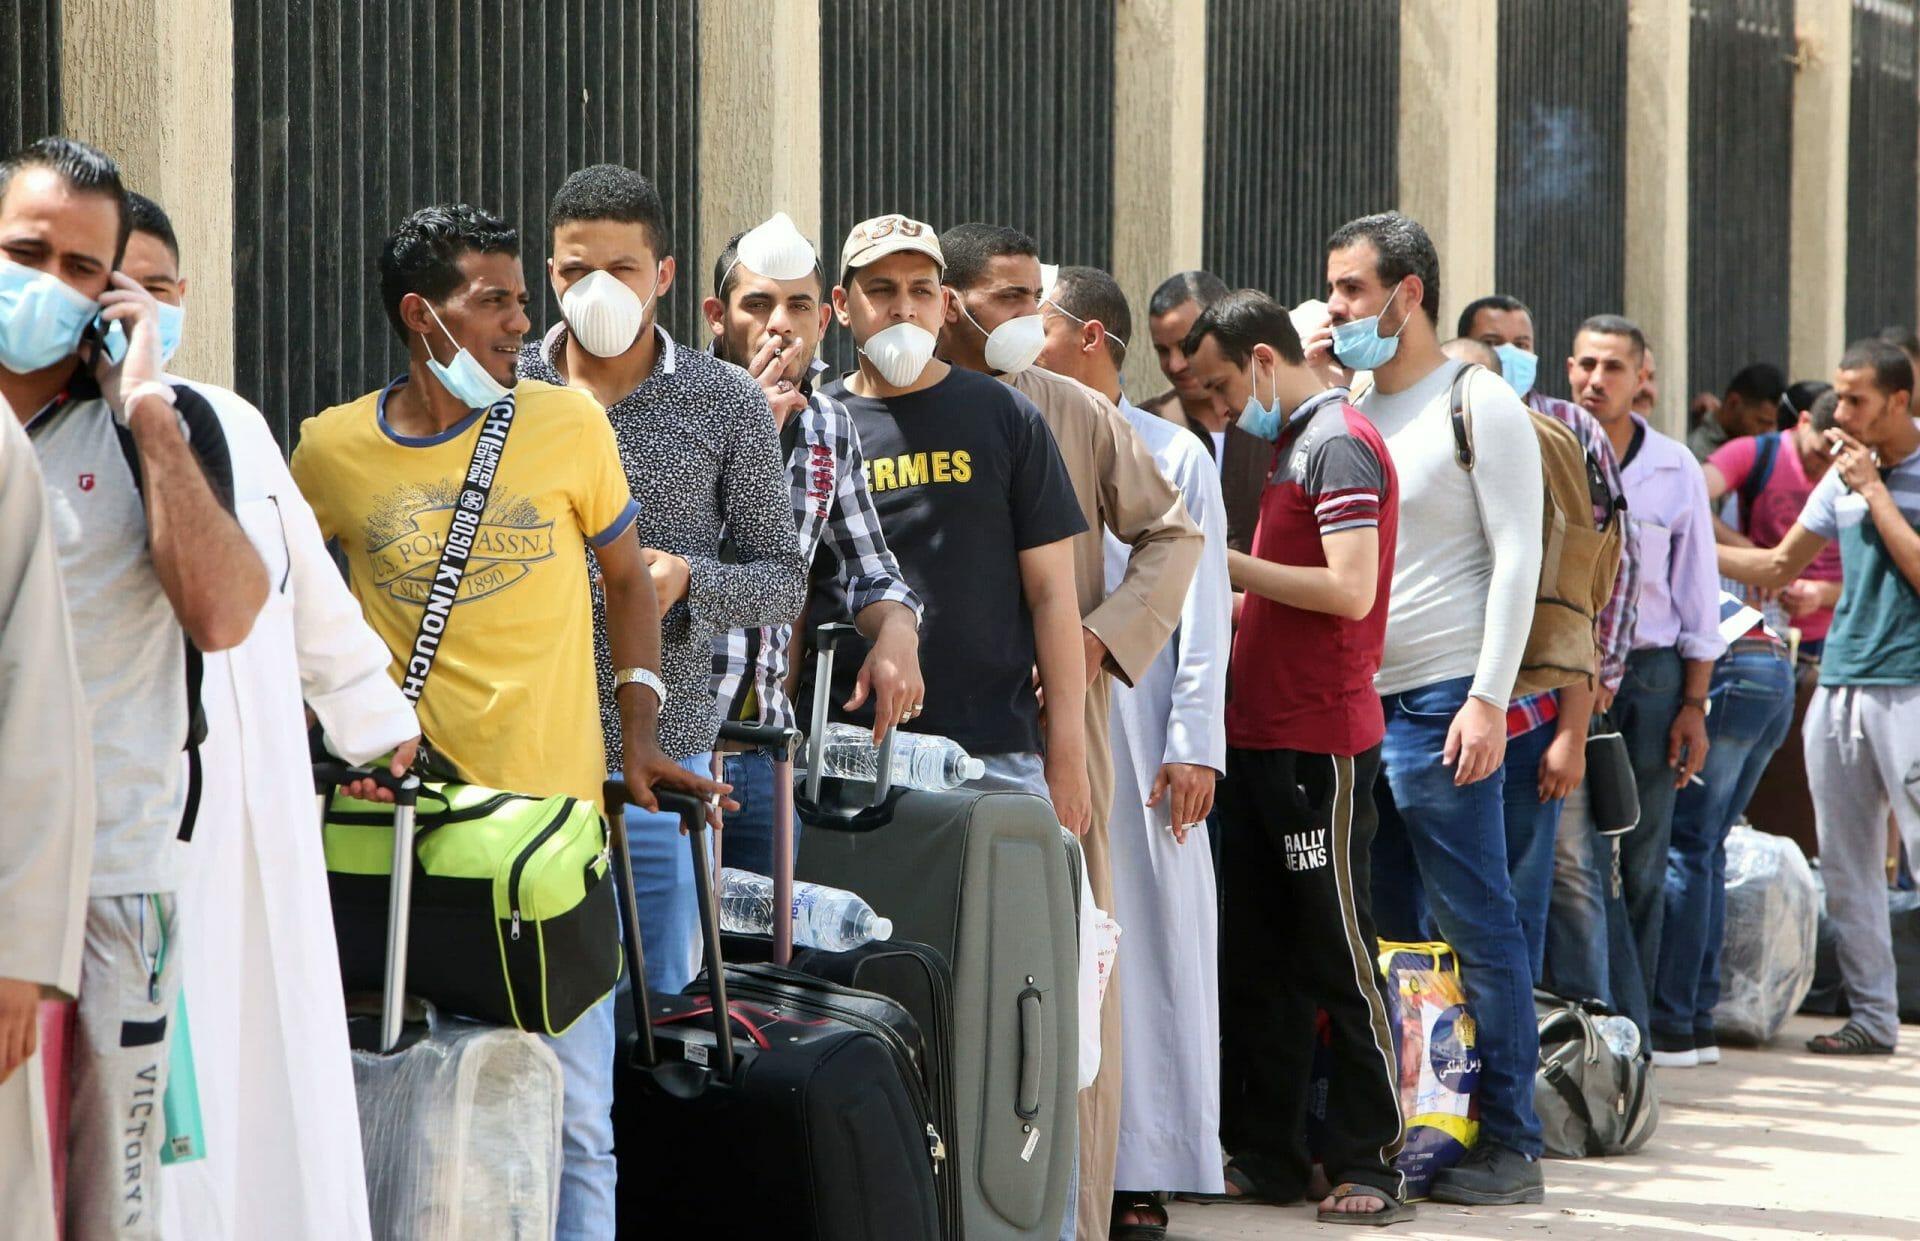 200 ألف وافد يفقدون إقاماتهم في الكويت على رأسهم أفراد الجالية المصرية